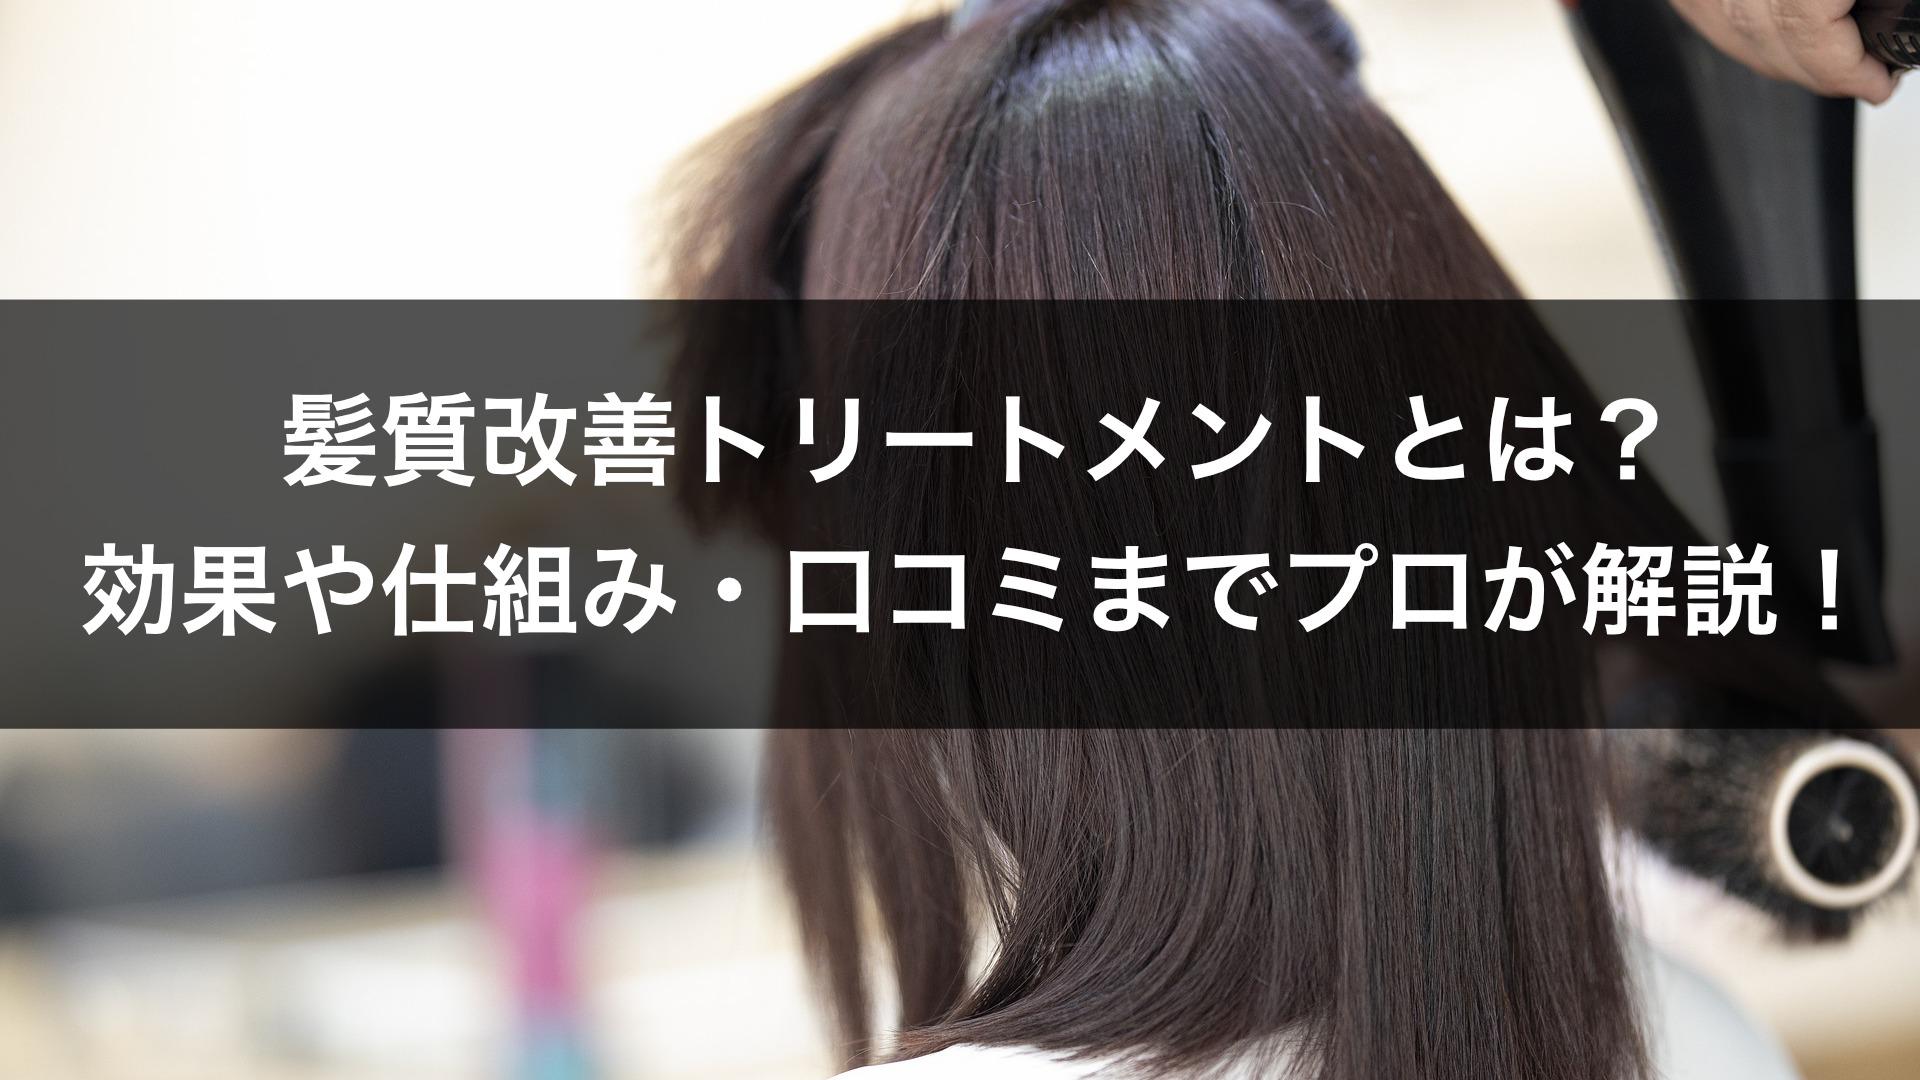 改善 トリートメント おすすめ 髪 質